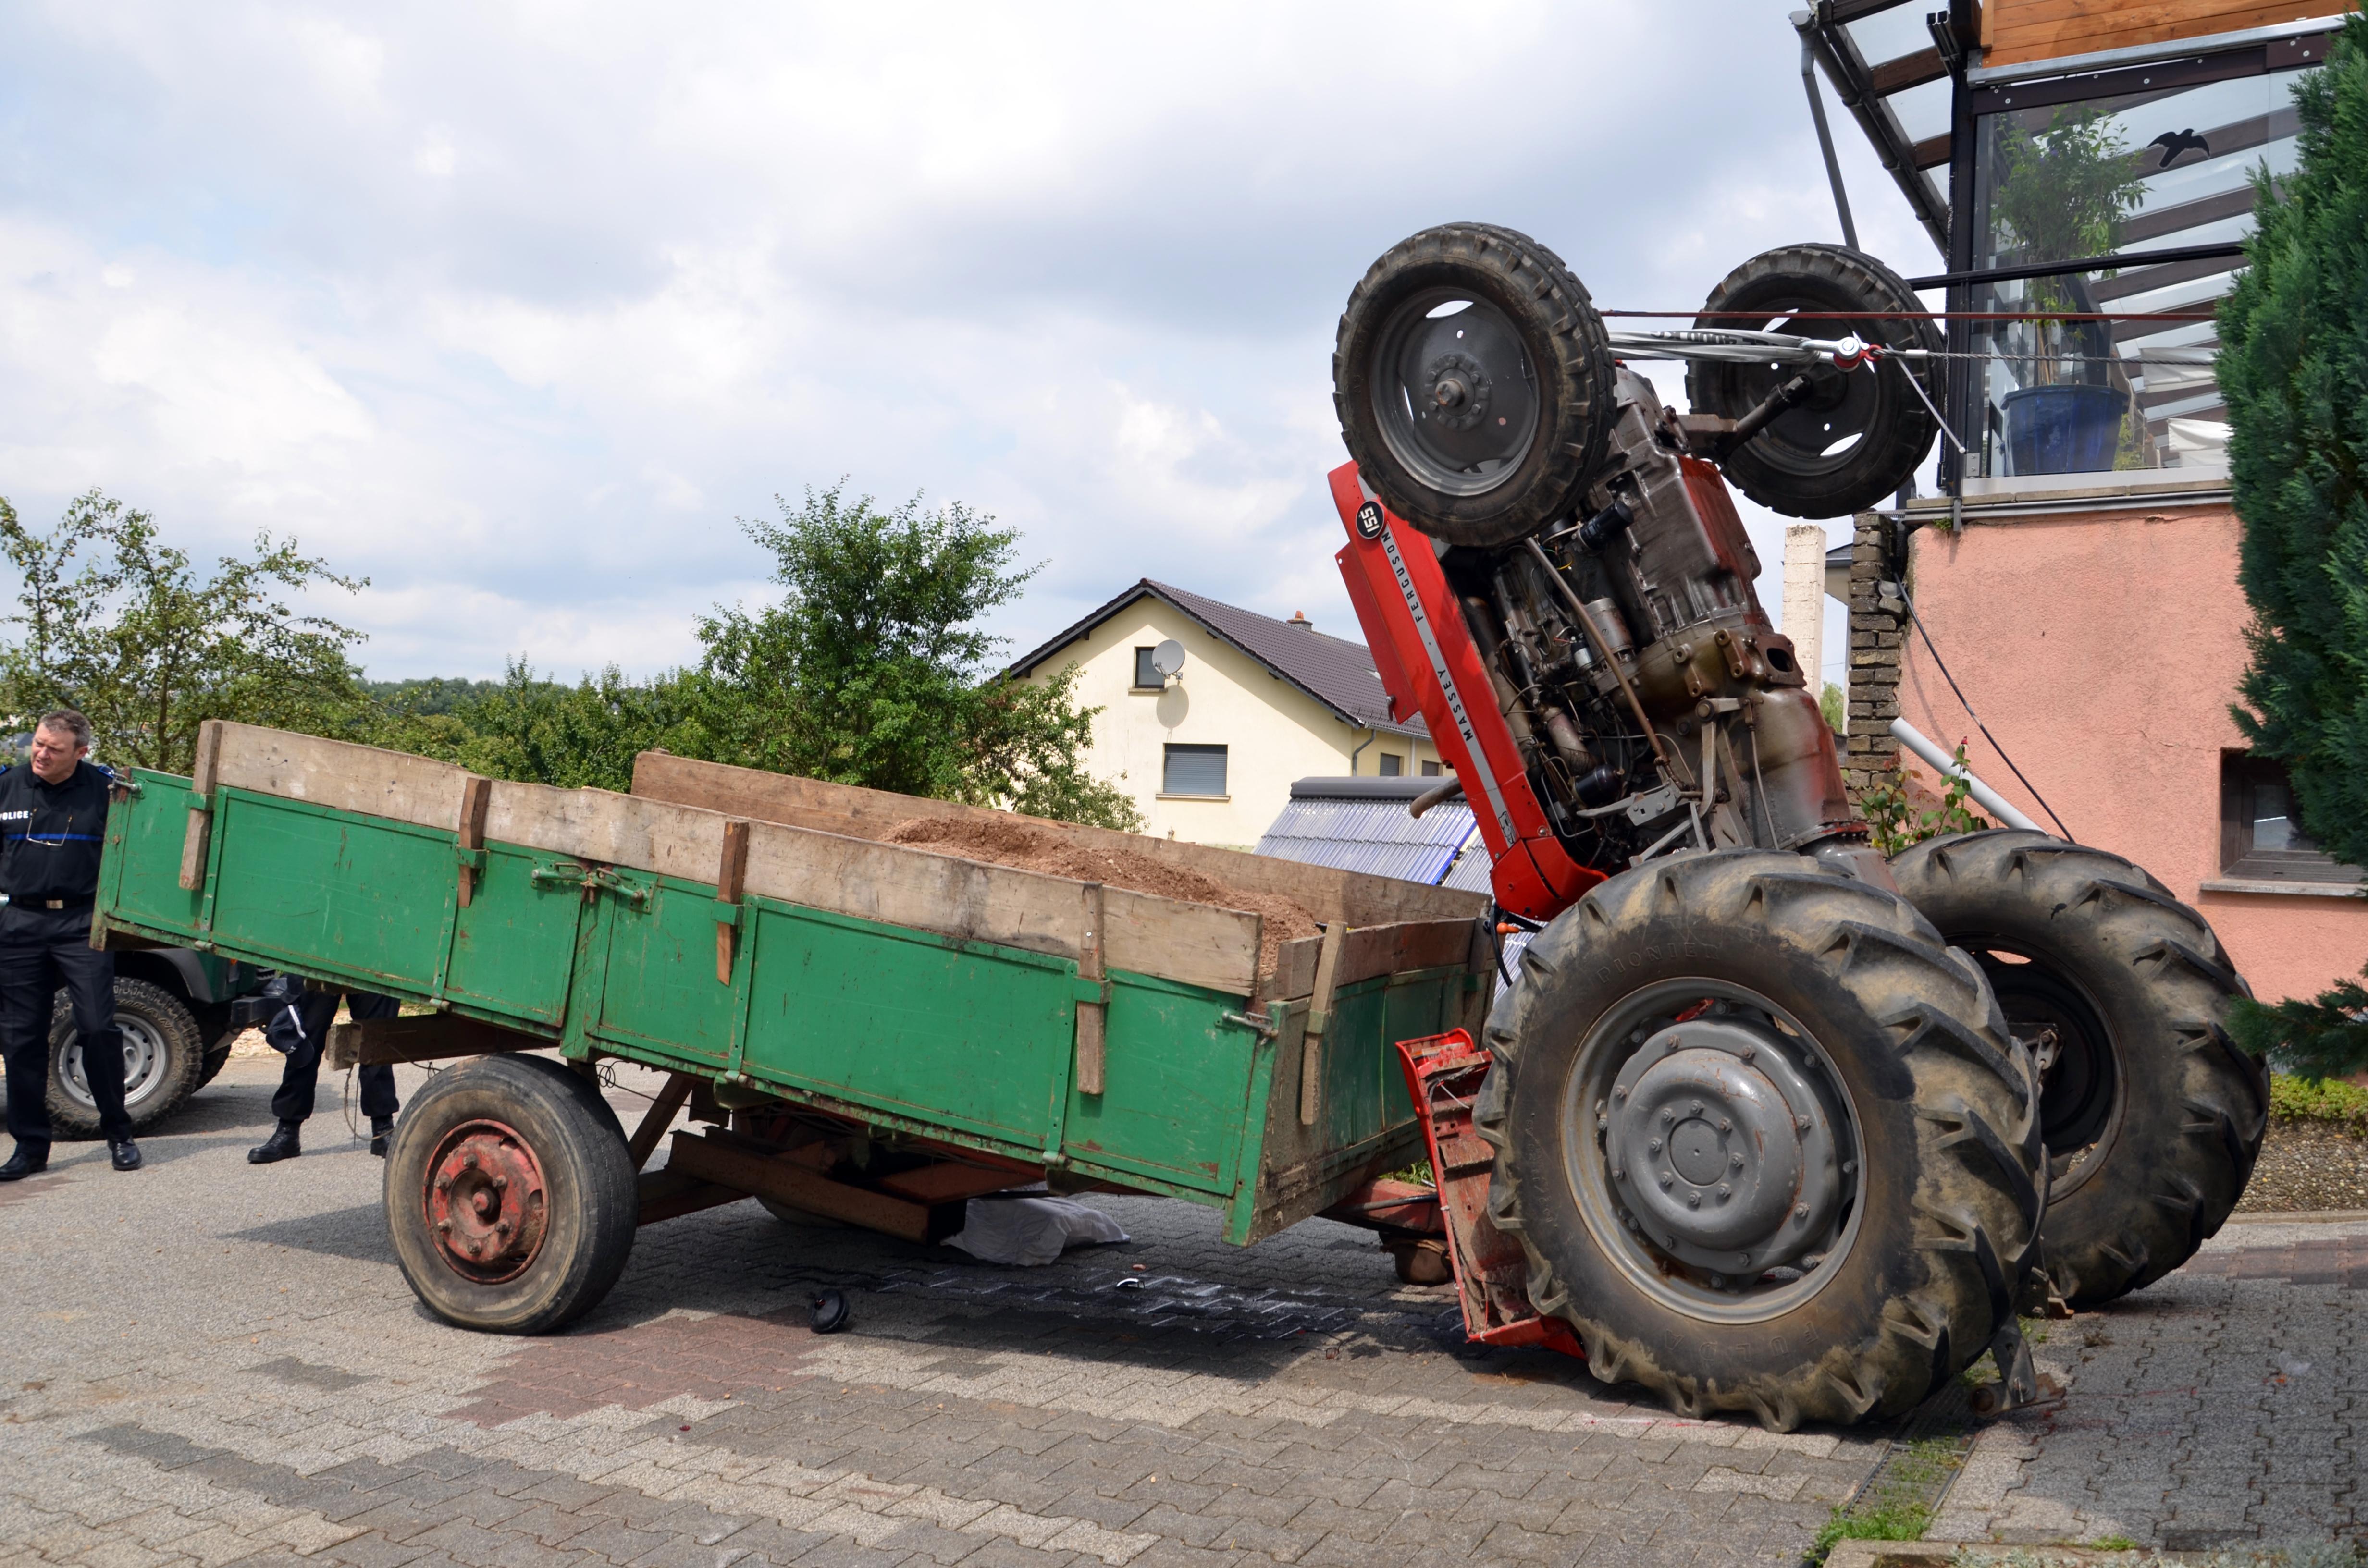 L'homme se trouvait au volant de son tracteur lorsque celui-ci a basculé en arrière. (photo police grand-ducale)